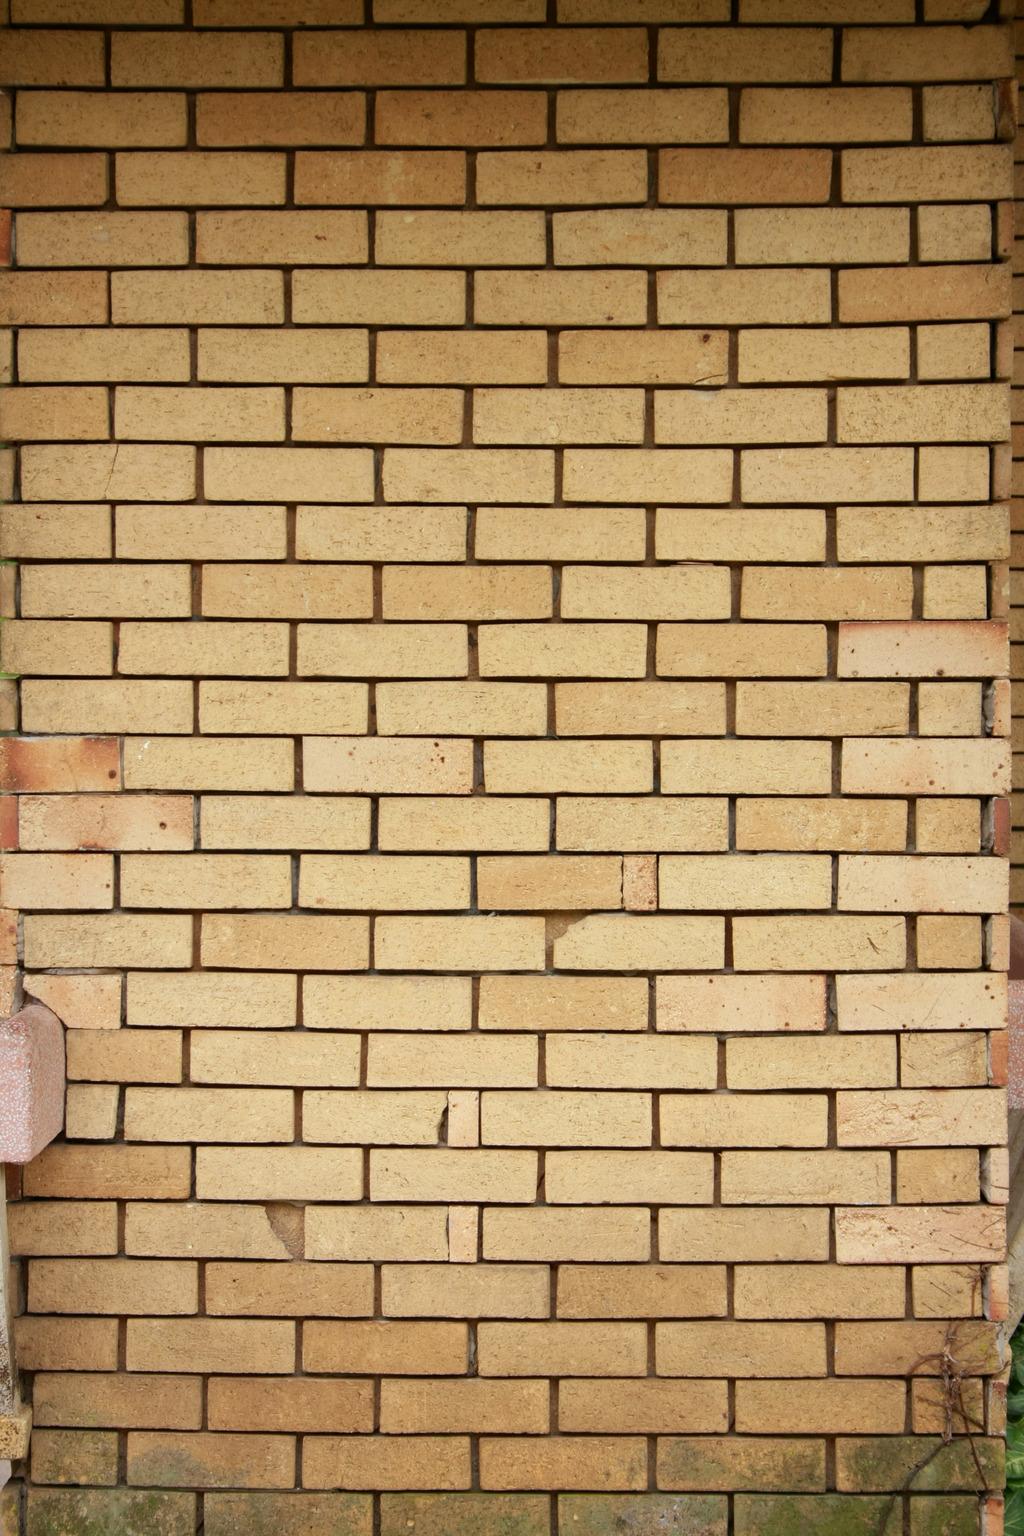 砖墙电视背景模板下载(图片编号:12288938)